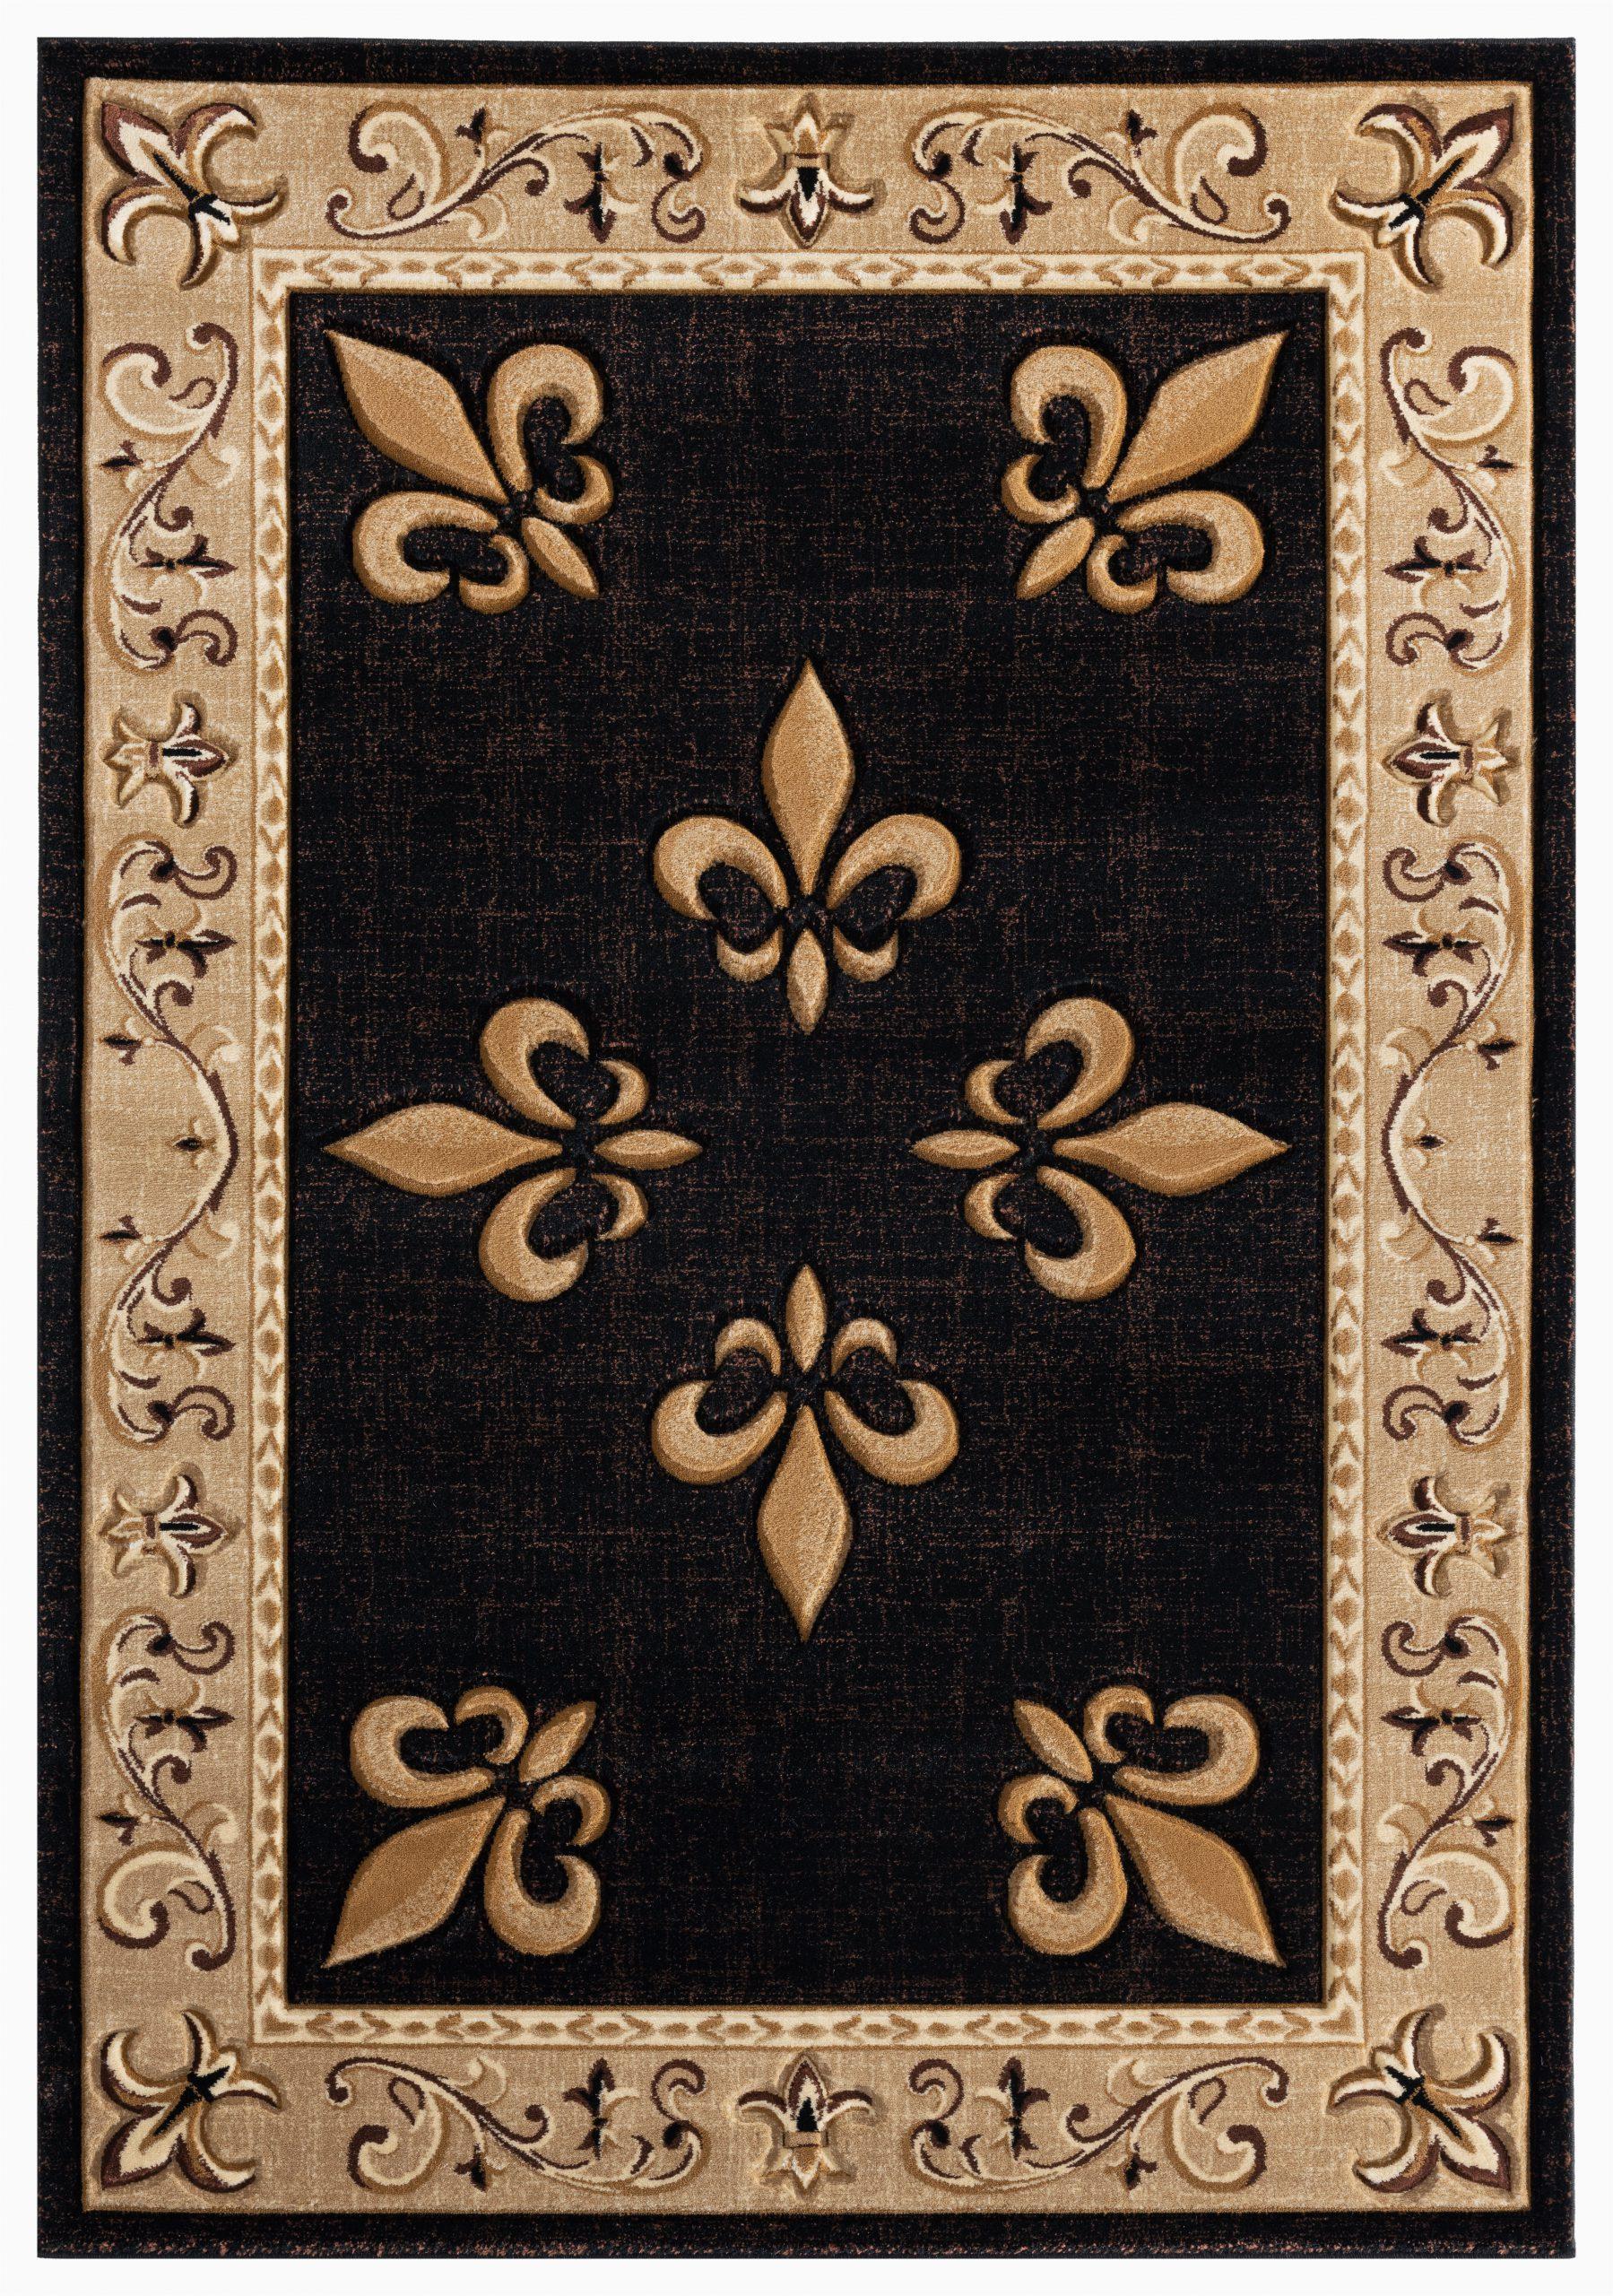 goines beigeblackbrown area rug